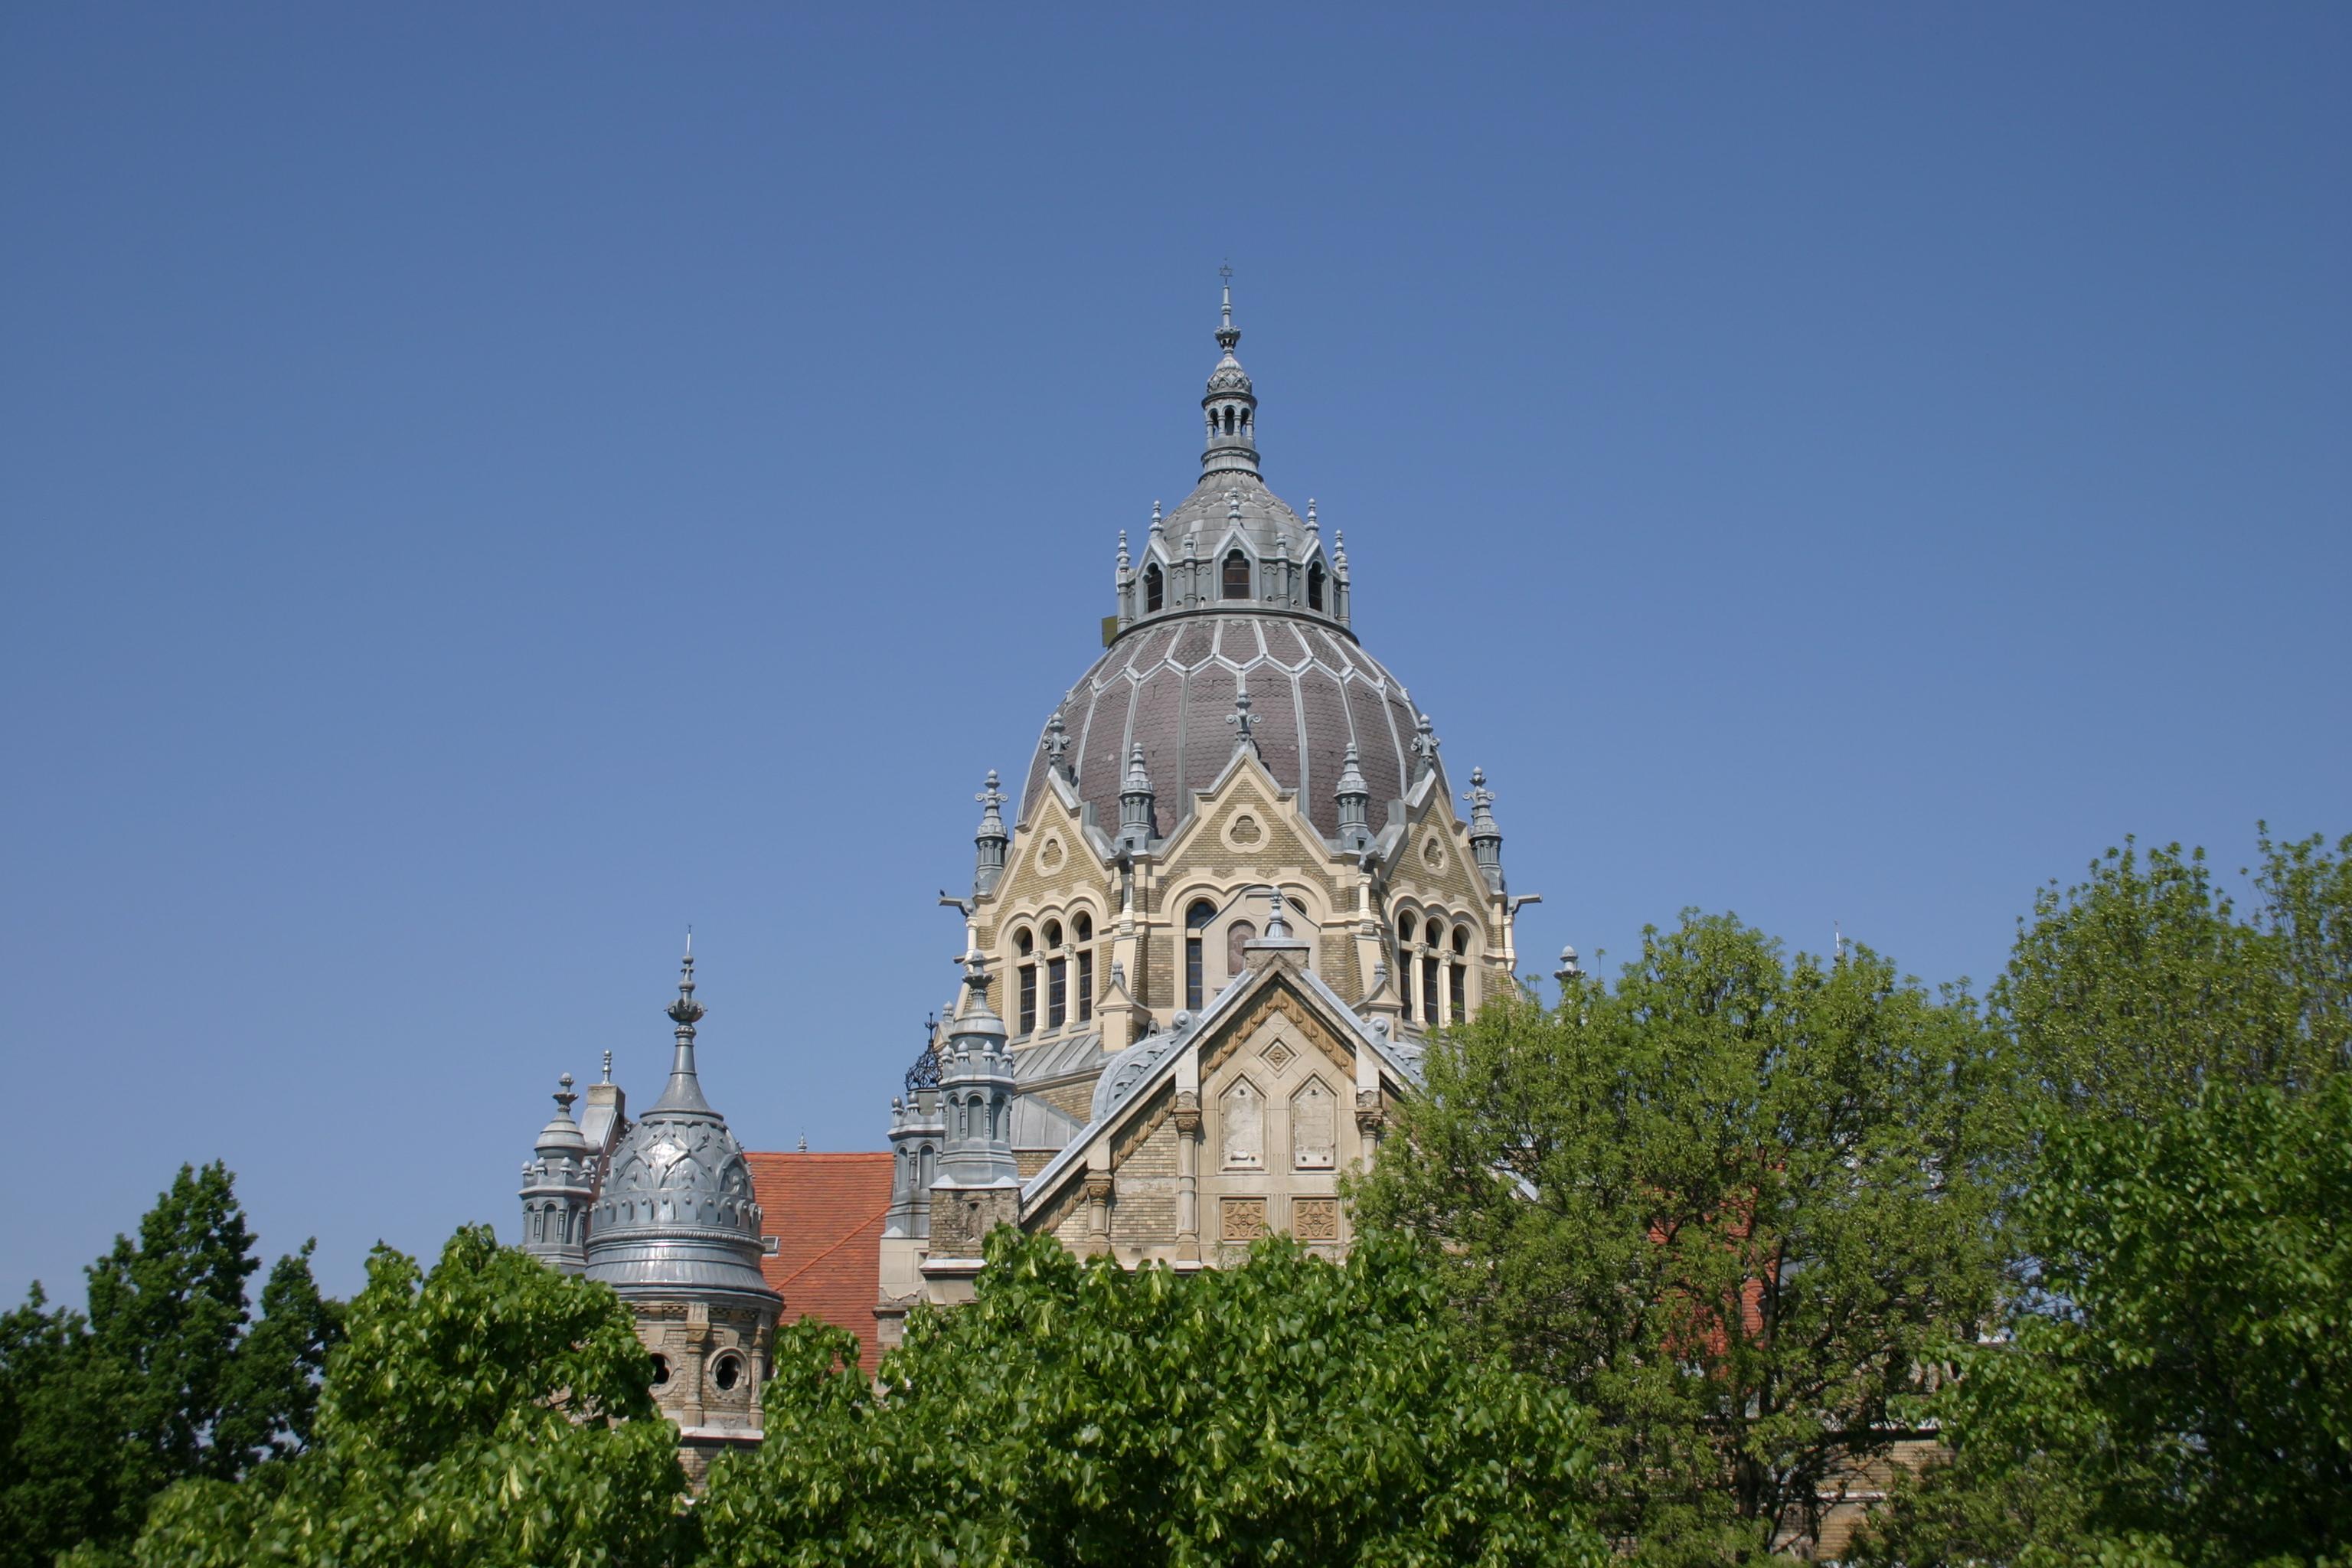 Szeged elfelejtett sztárépítésze: Baumhorn Lipót épületeiről nyílt fotókiállítás